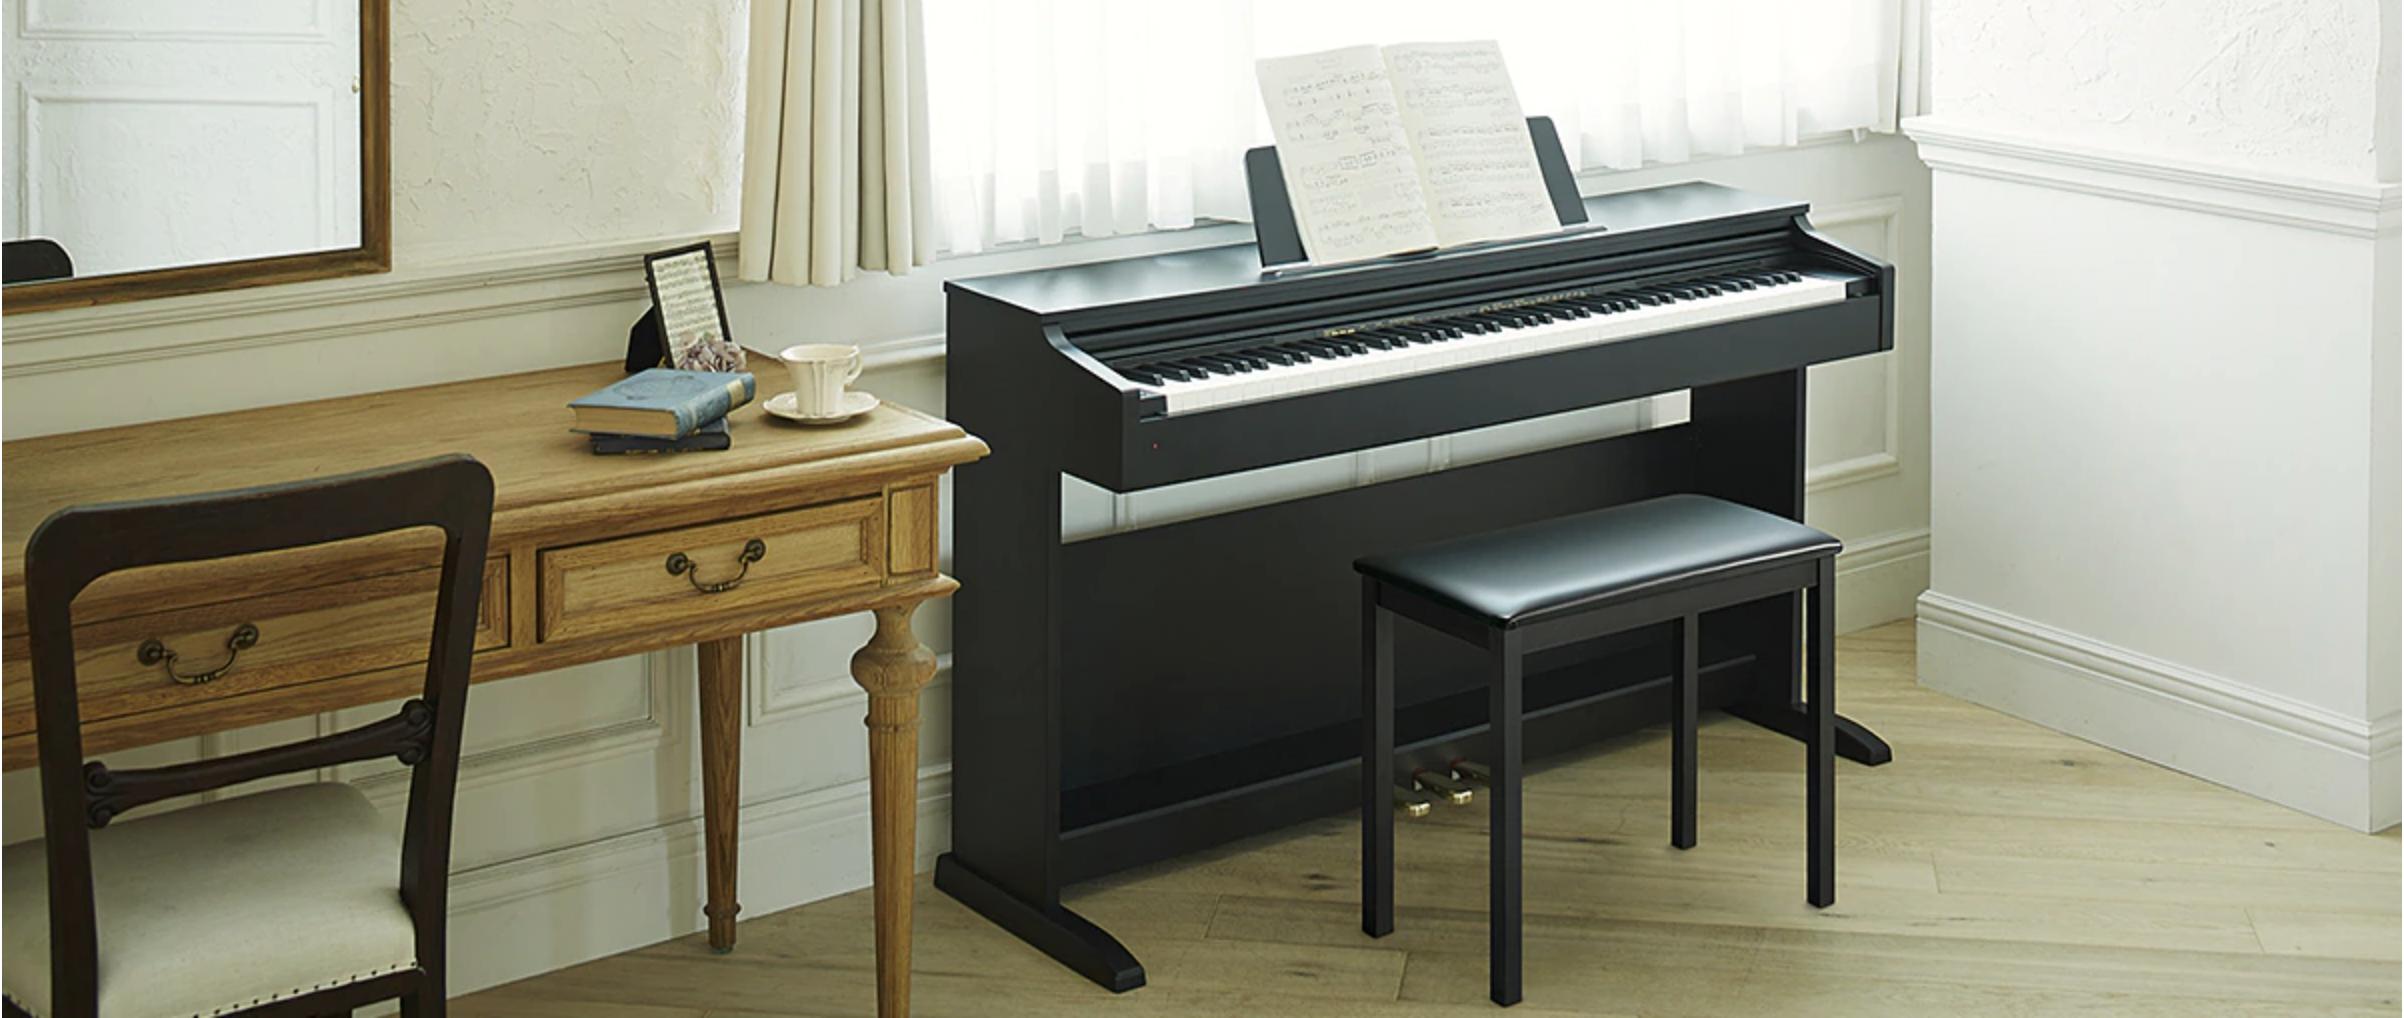 top địa chỉ bán piano chất lượng